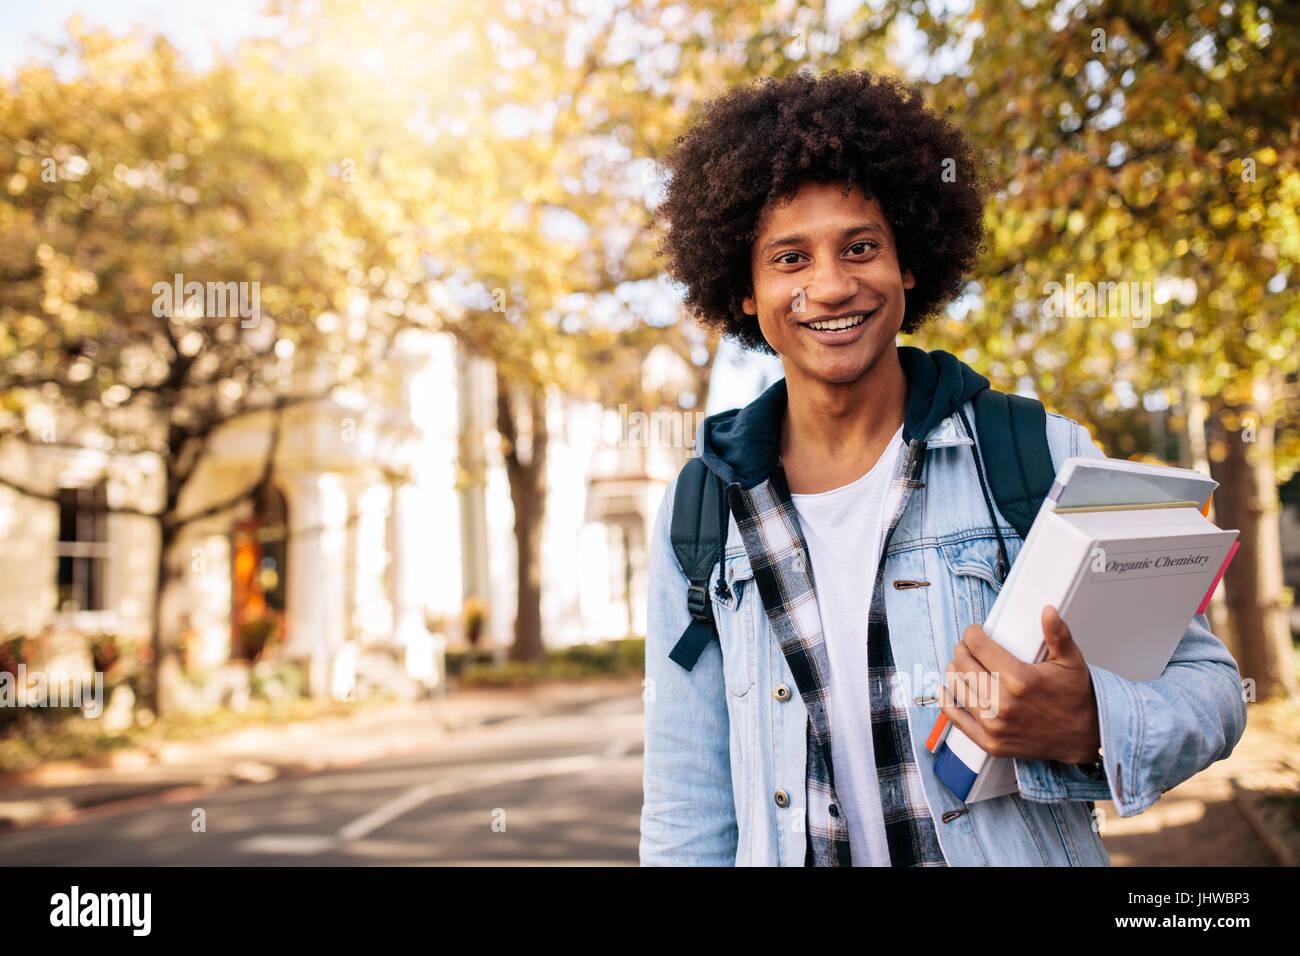 Joven estudiante afro americana que regresaban de la universidad. Macho joven estudiante universitario con el libro Imagen De Stock